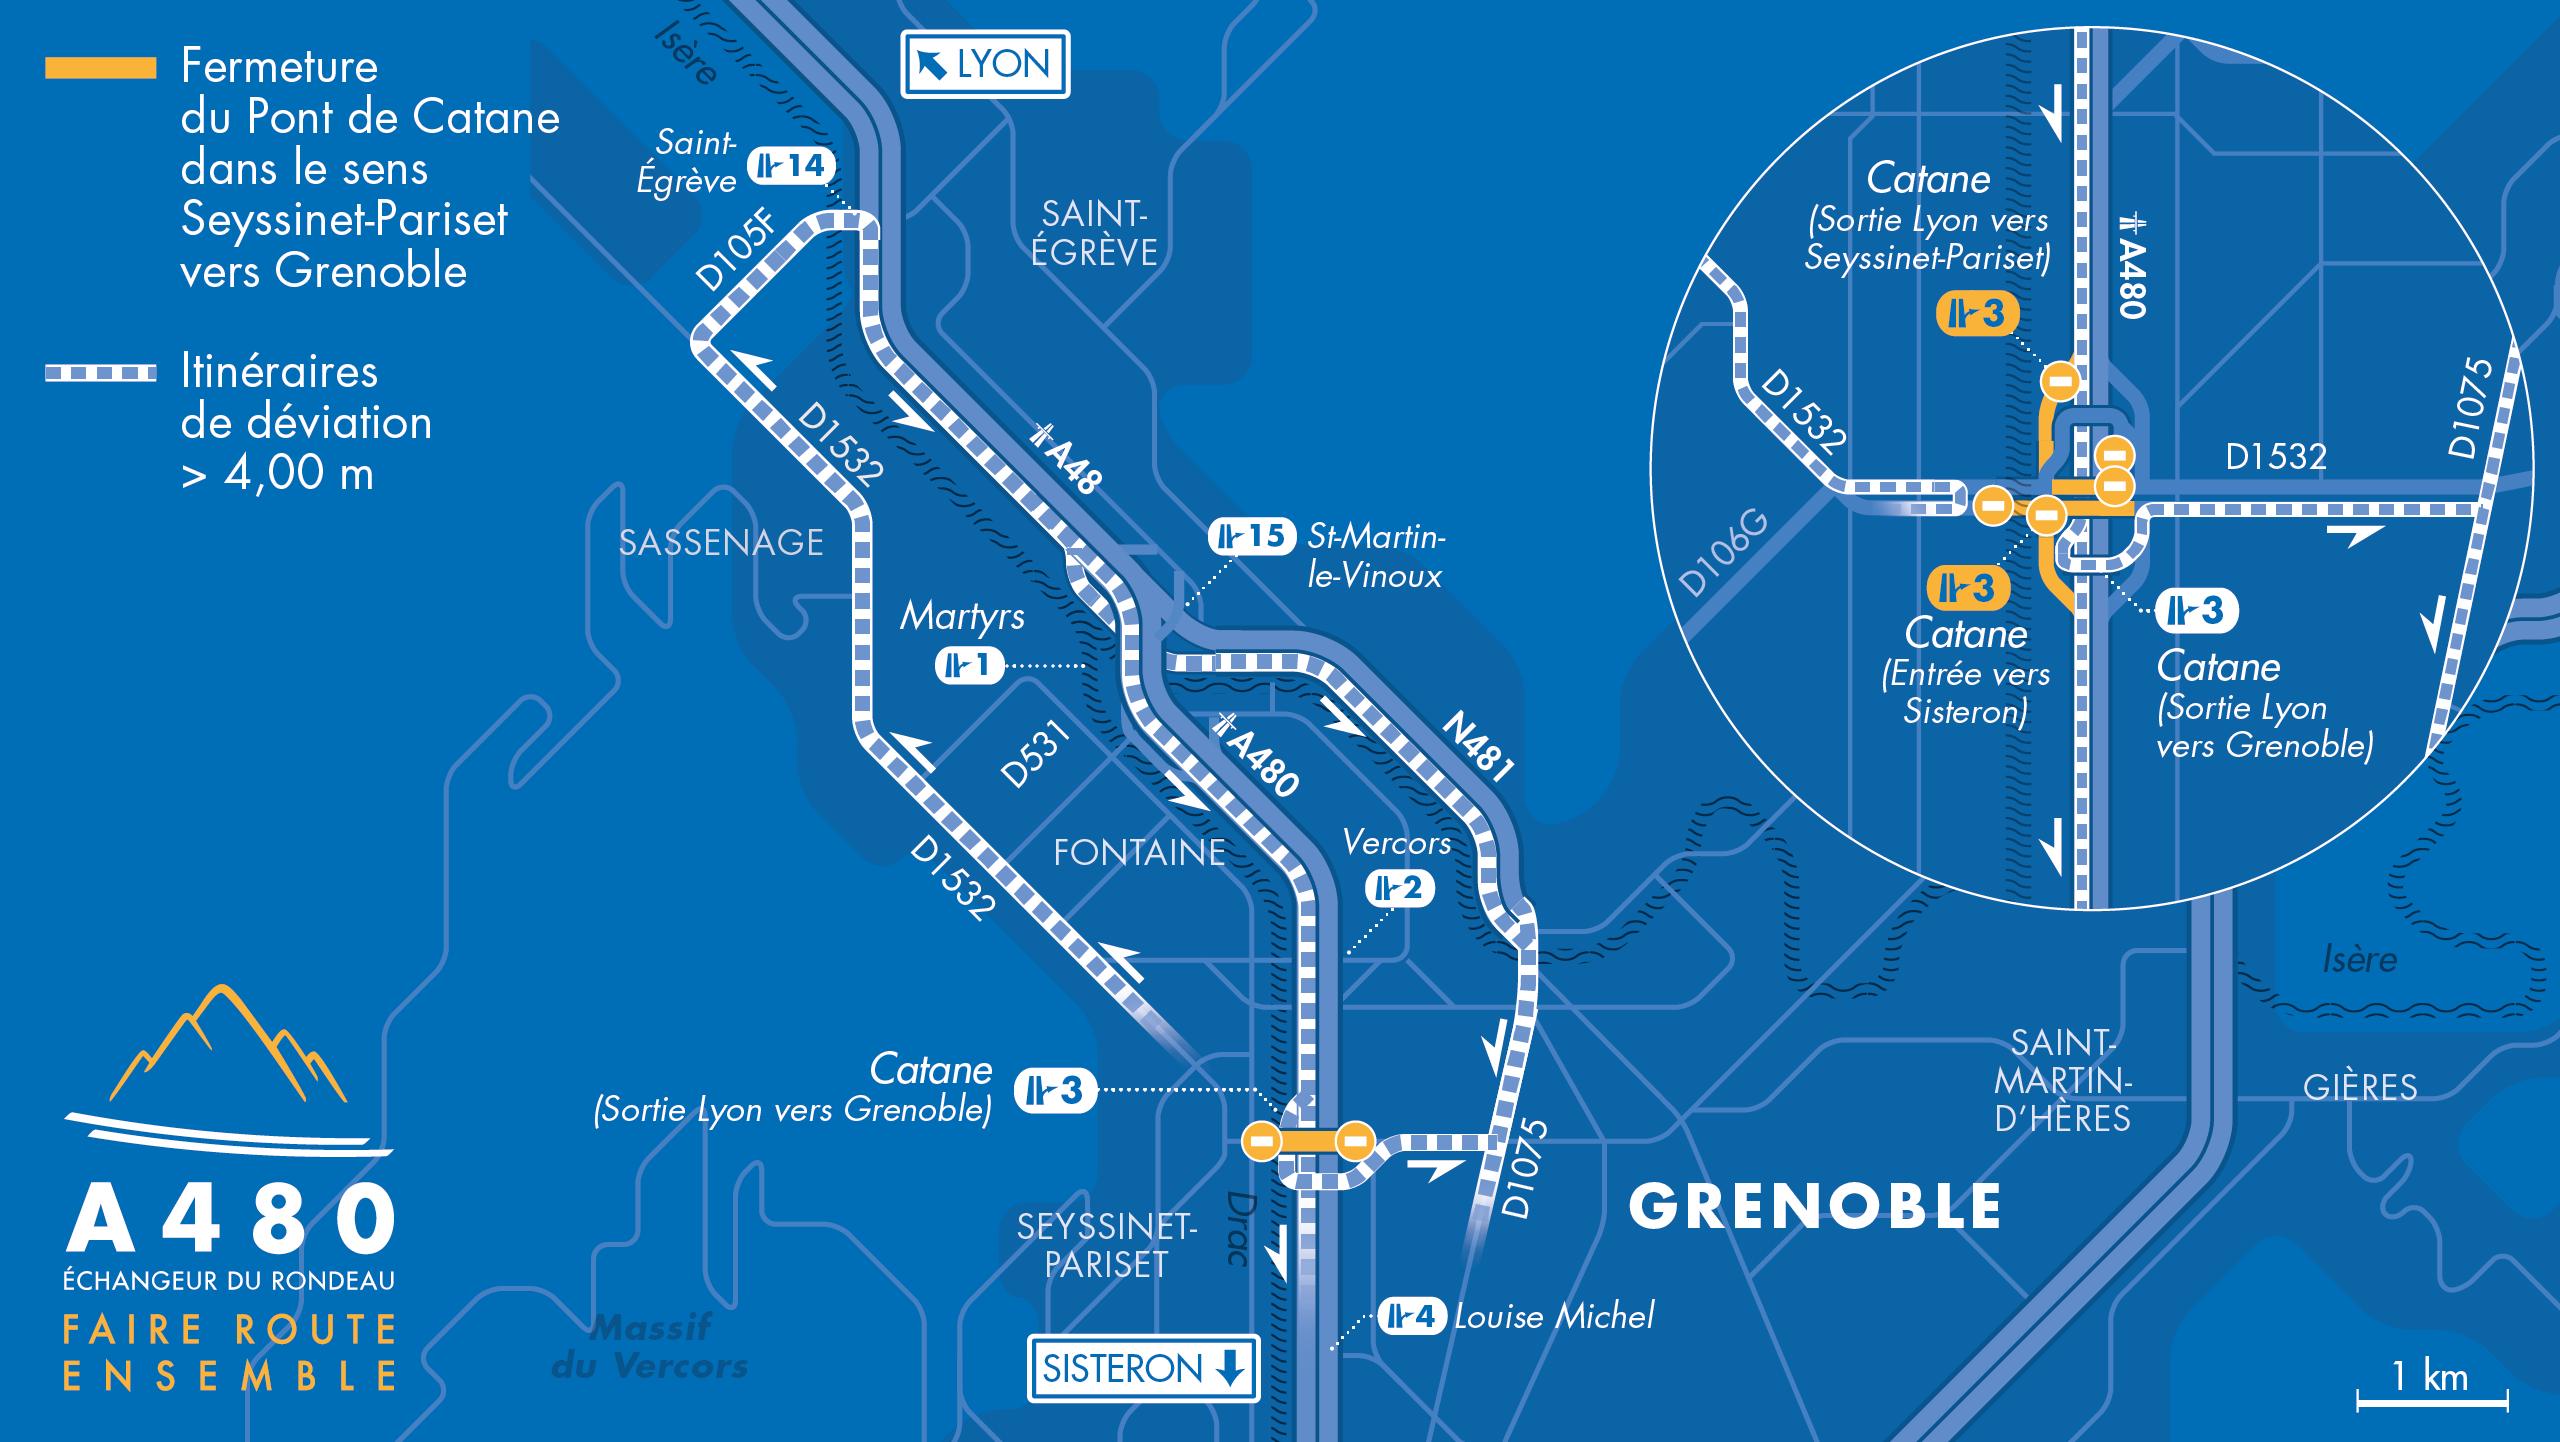 carte des déviations pour les poids lourds de Seyssinet-Pariset vers Grenoble